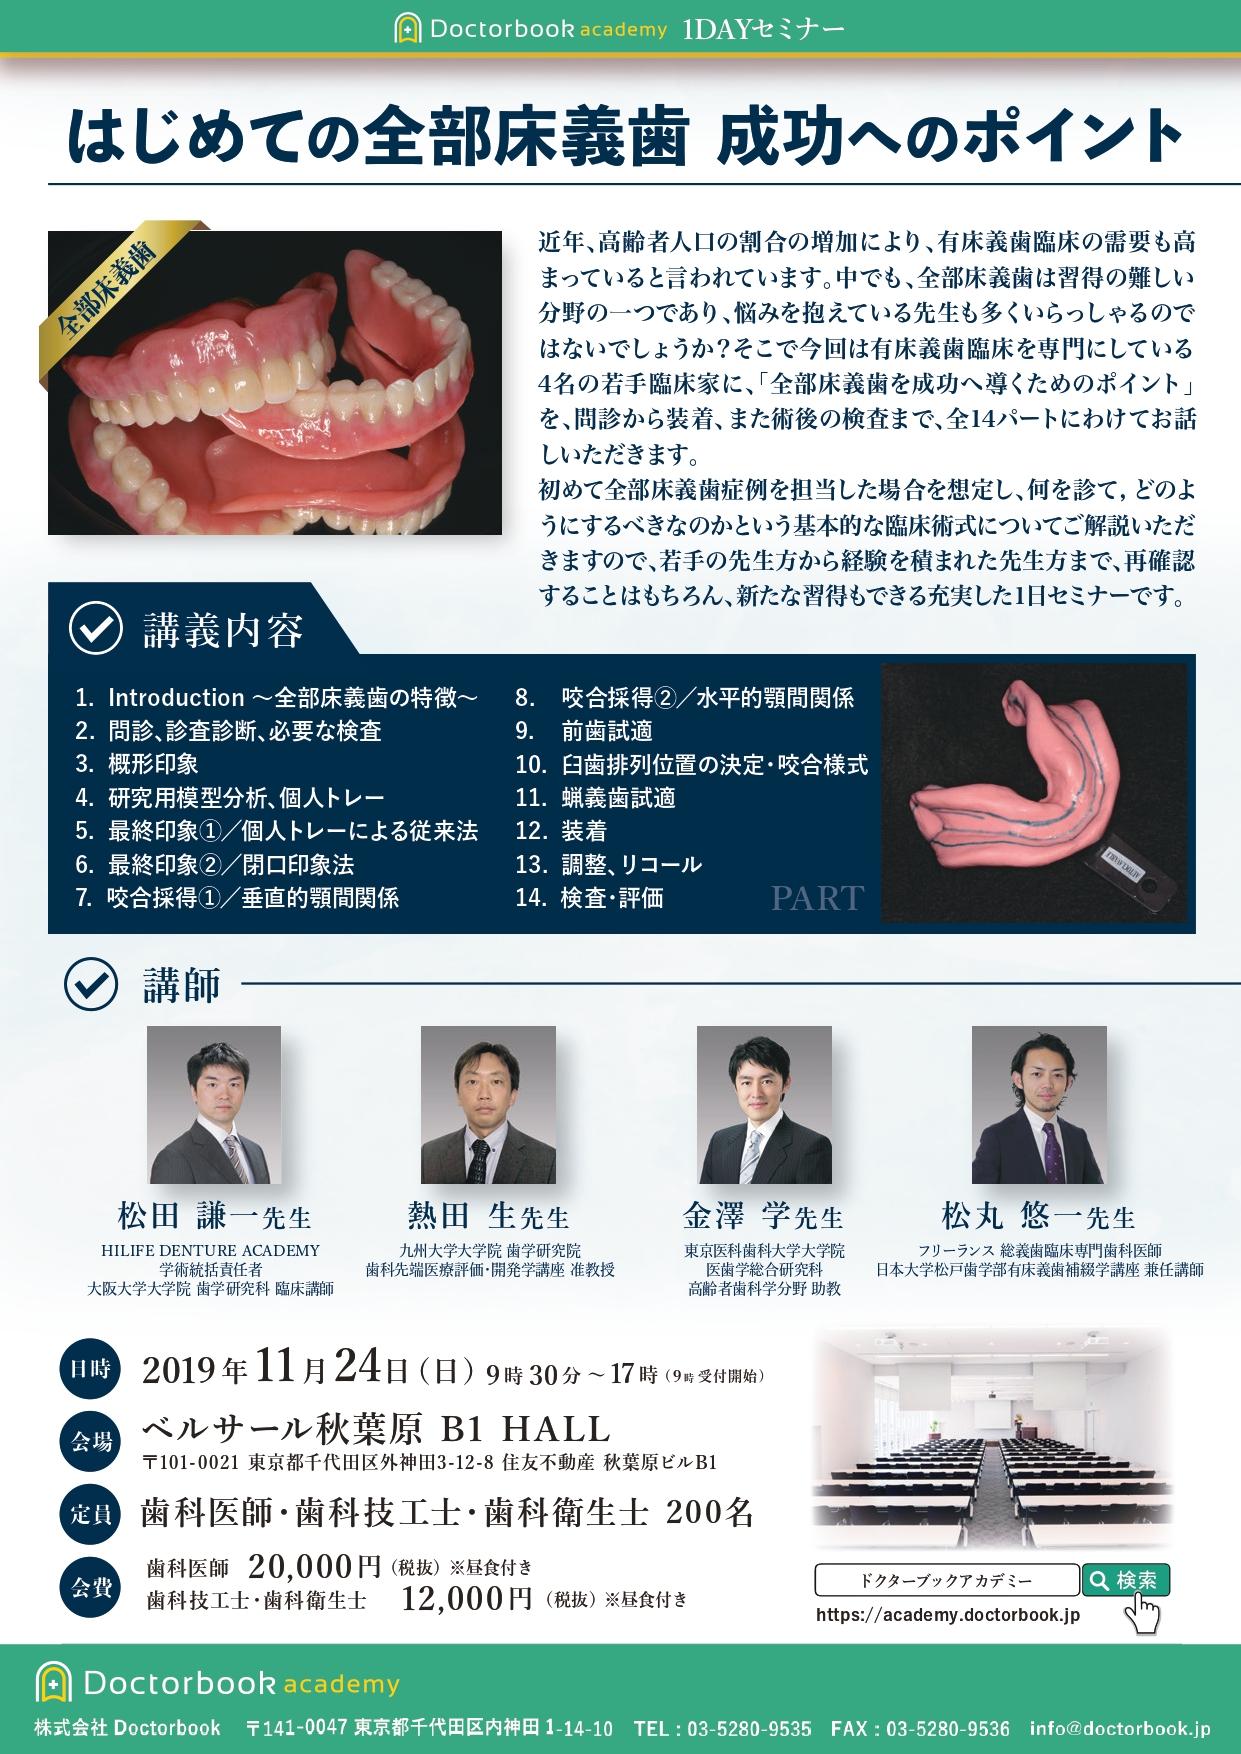 はじめての全部床義歯 成功へのポイント【1Day総義歯セミナー】